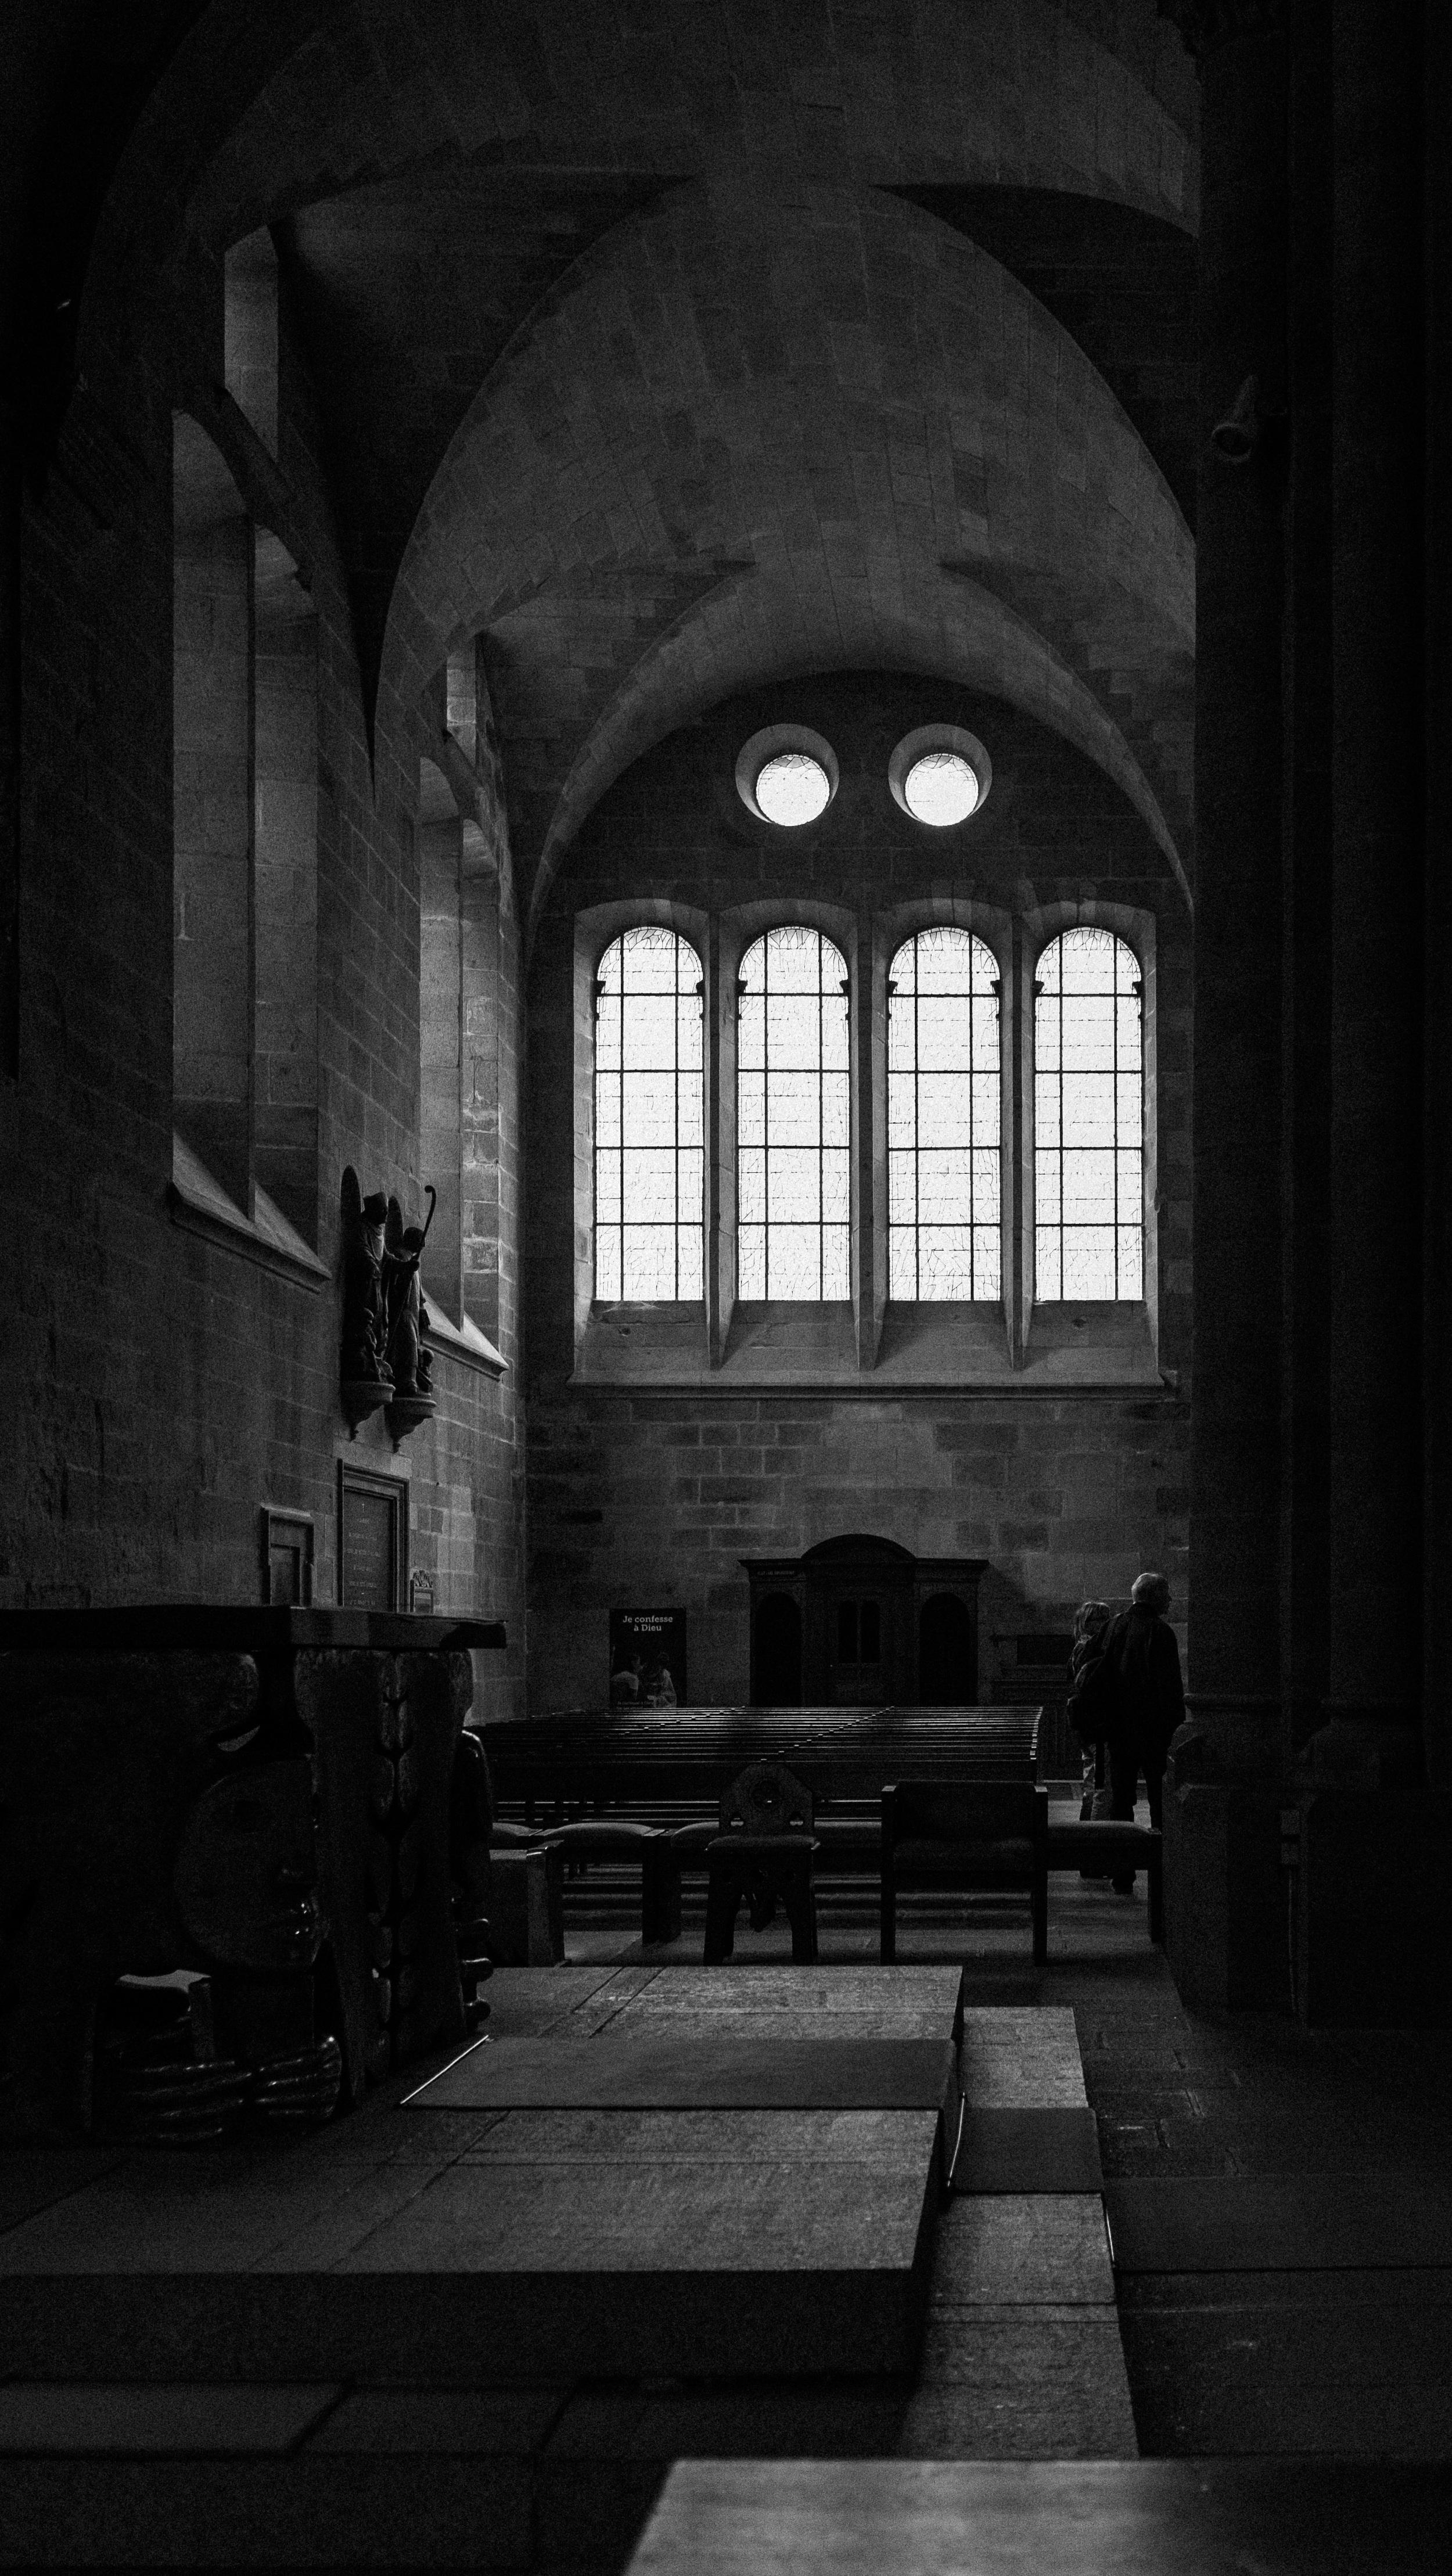 london-britian-cambridge-stmalo-mont-saint-michel-france-normandy-paris-066.jpg